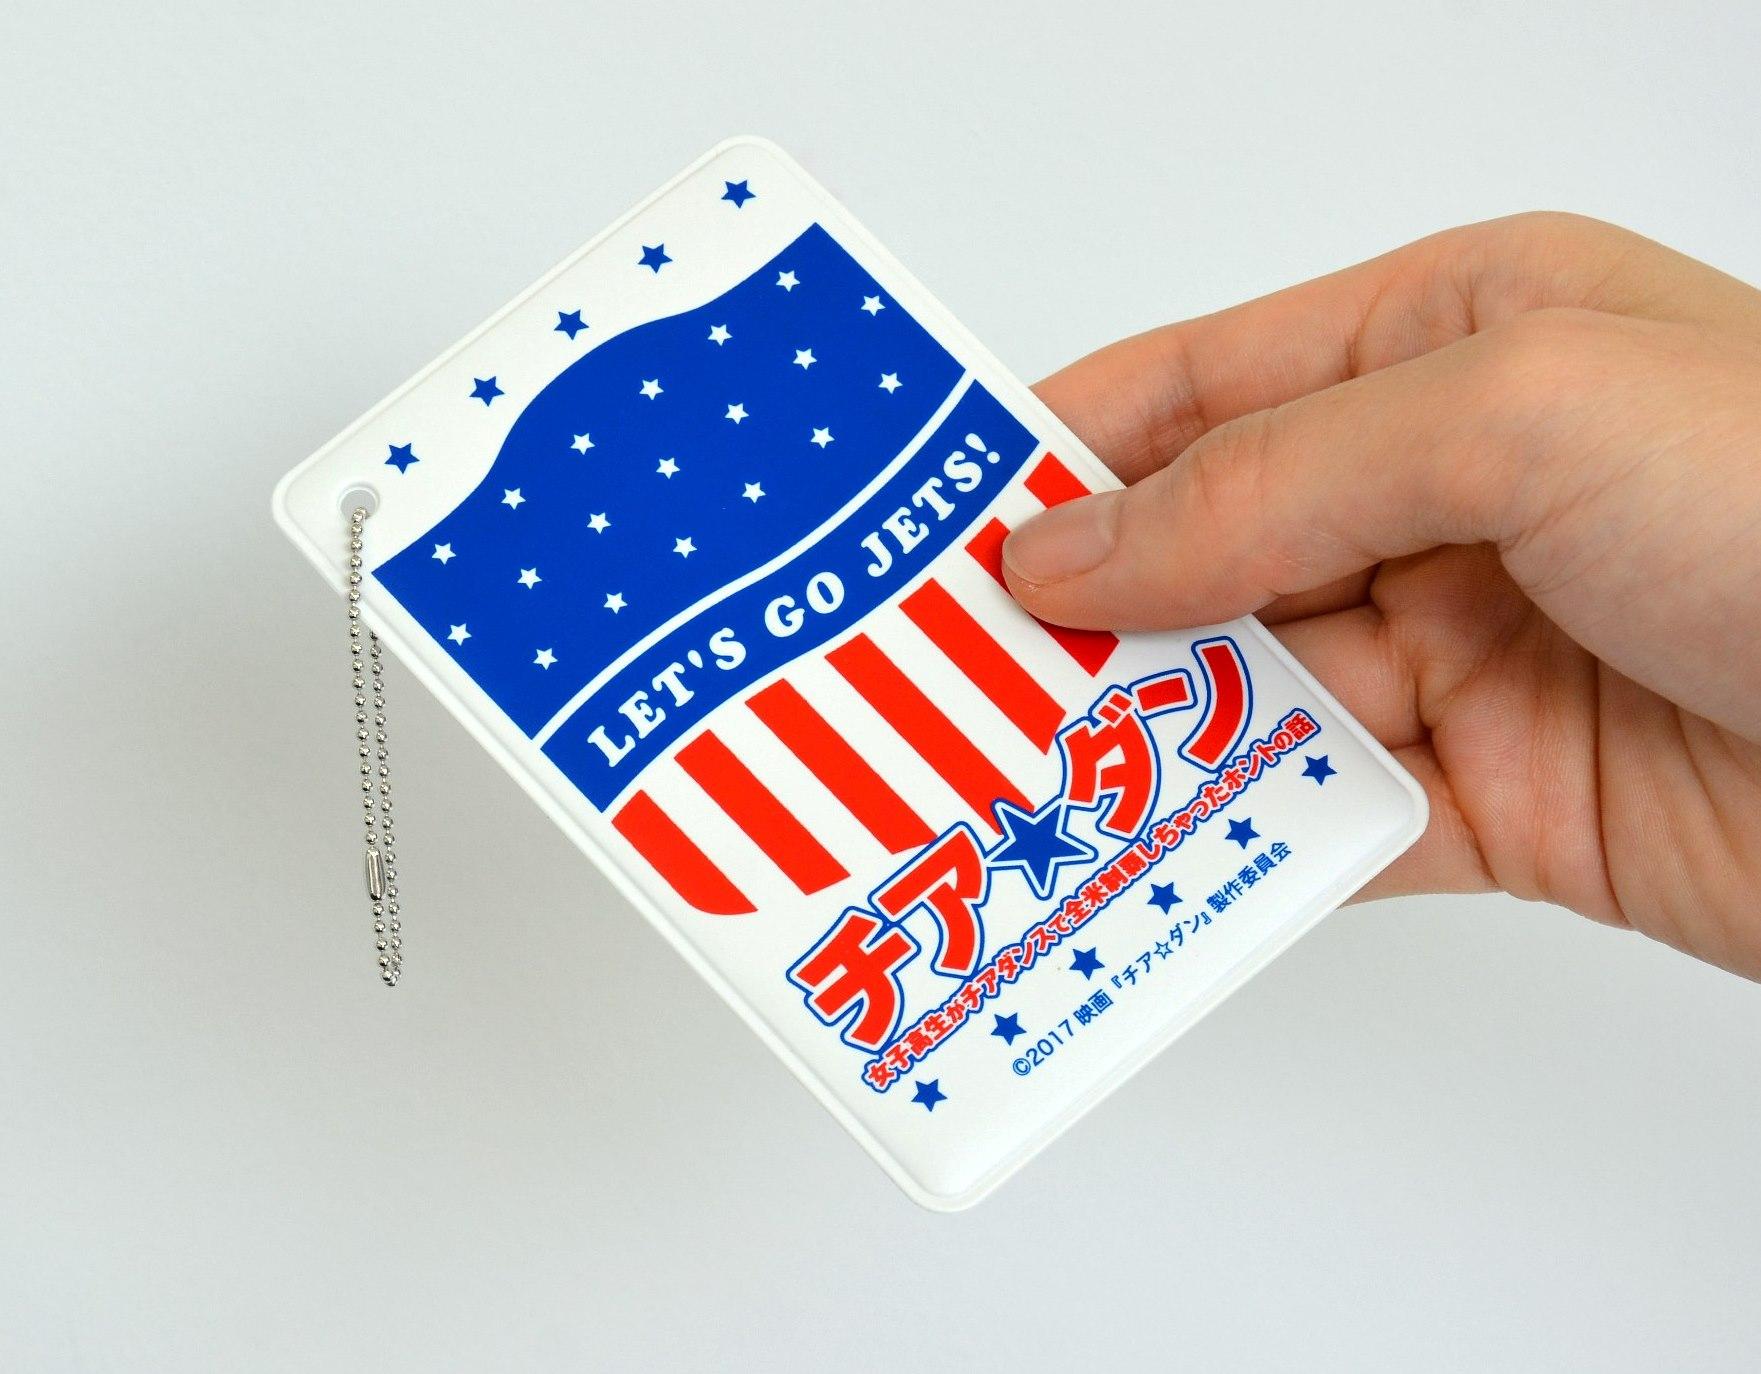 定期やICカードなどを入れて持ち歩けるオリジナルパスケース。 サイズは縦106×横68mm。 チェーン付き。